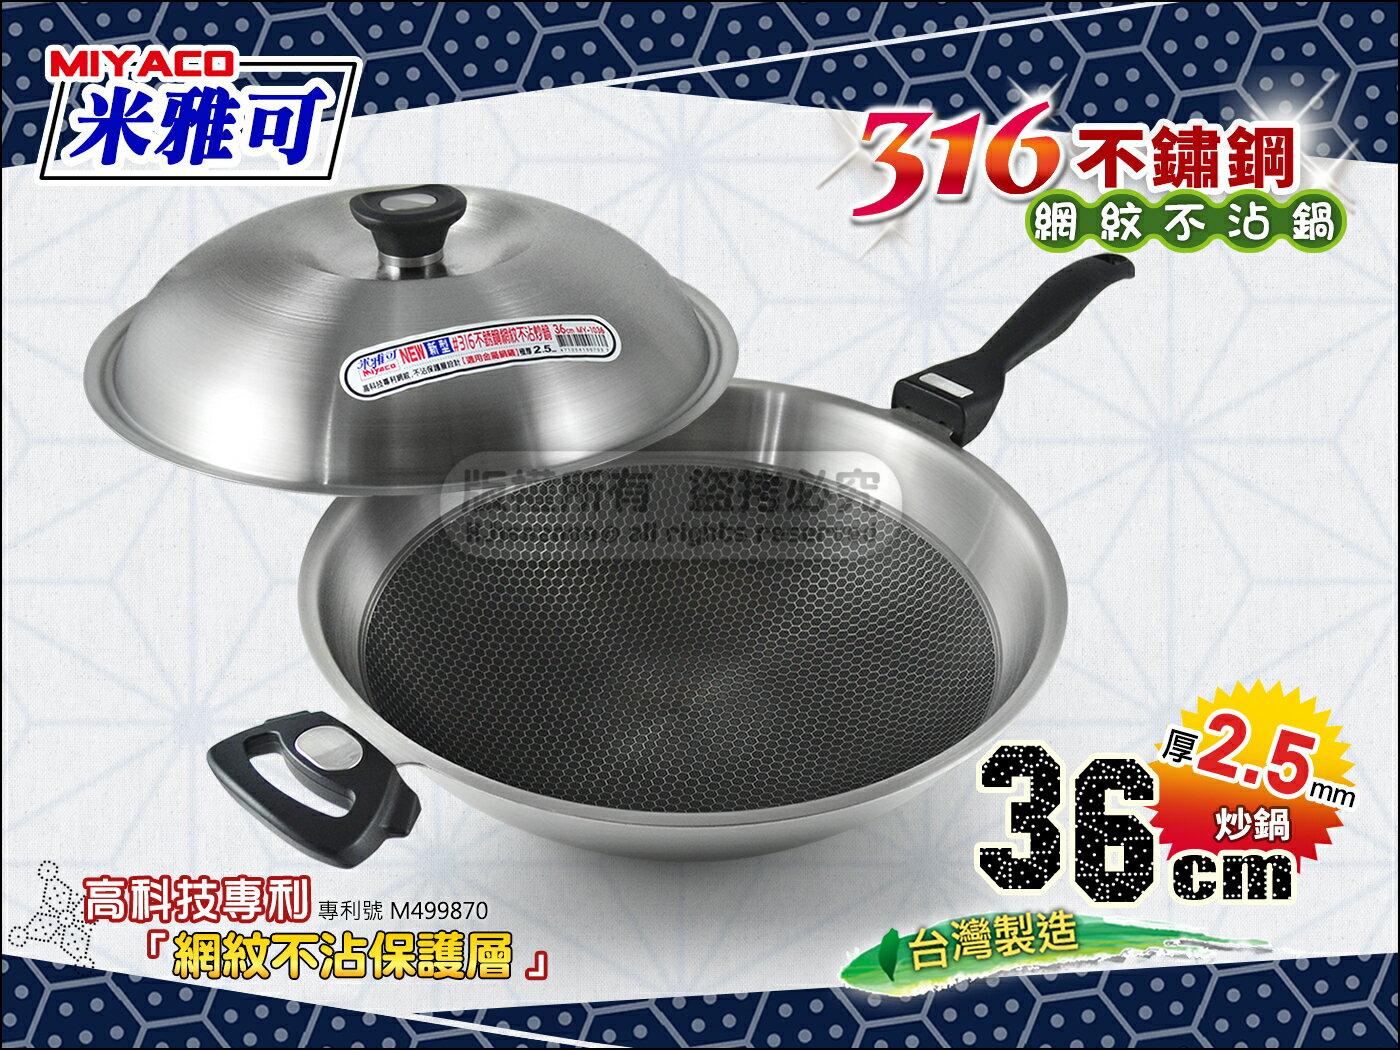 快樂屋♪ 【套餐】米雅可 316不鏽鋼網紋不沾鍋 7337 炒鍋 36cm單柄《好禮二選一!!》